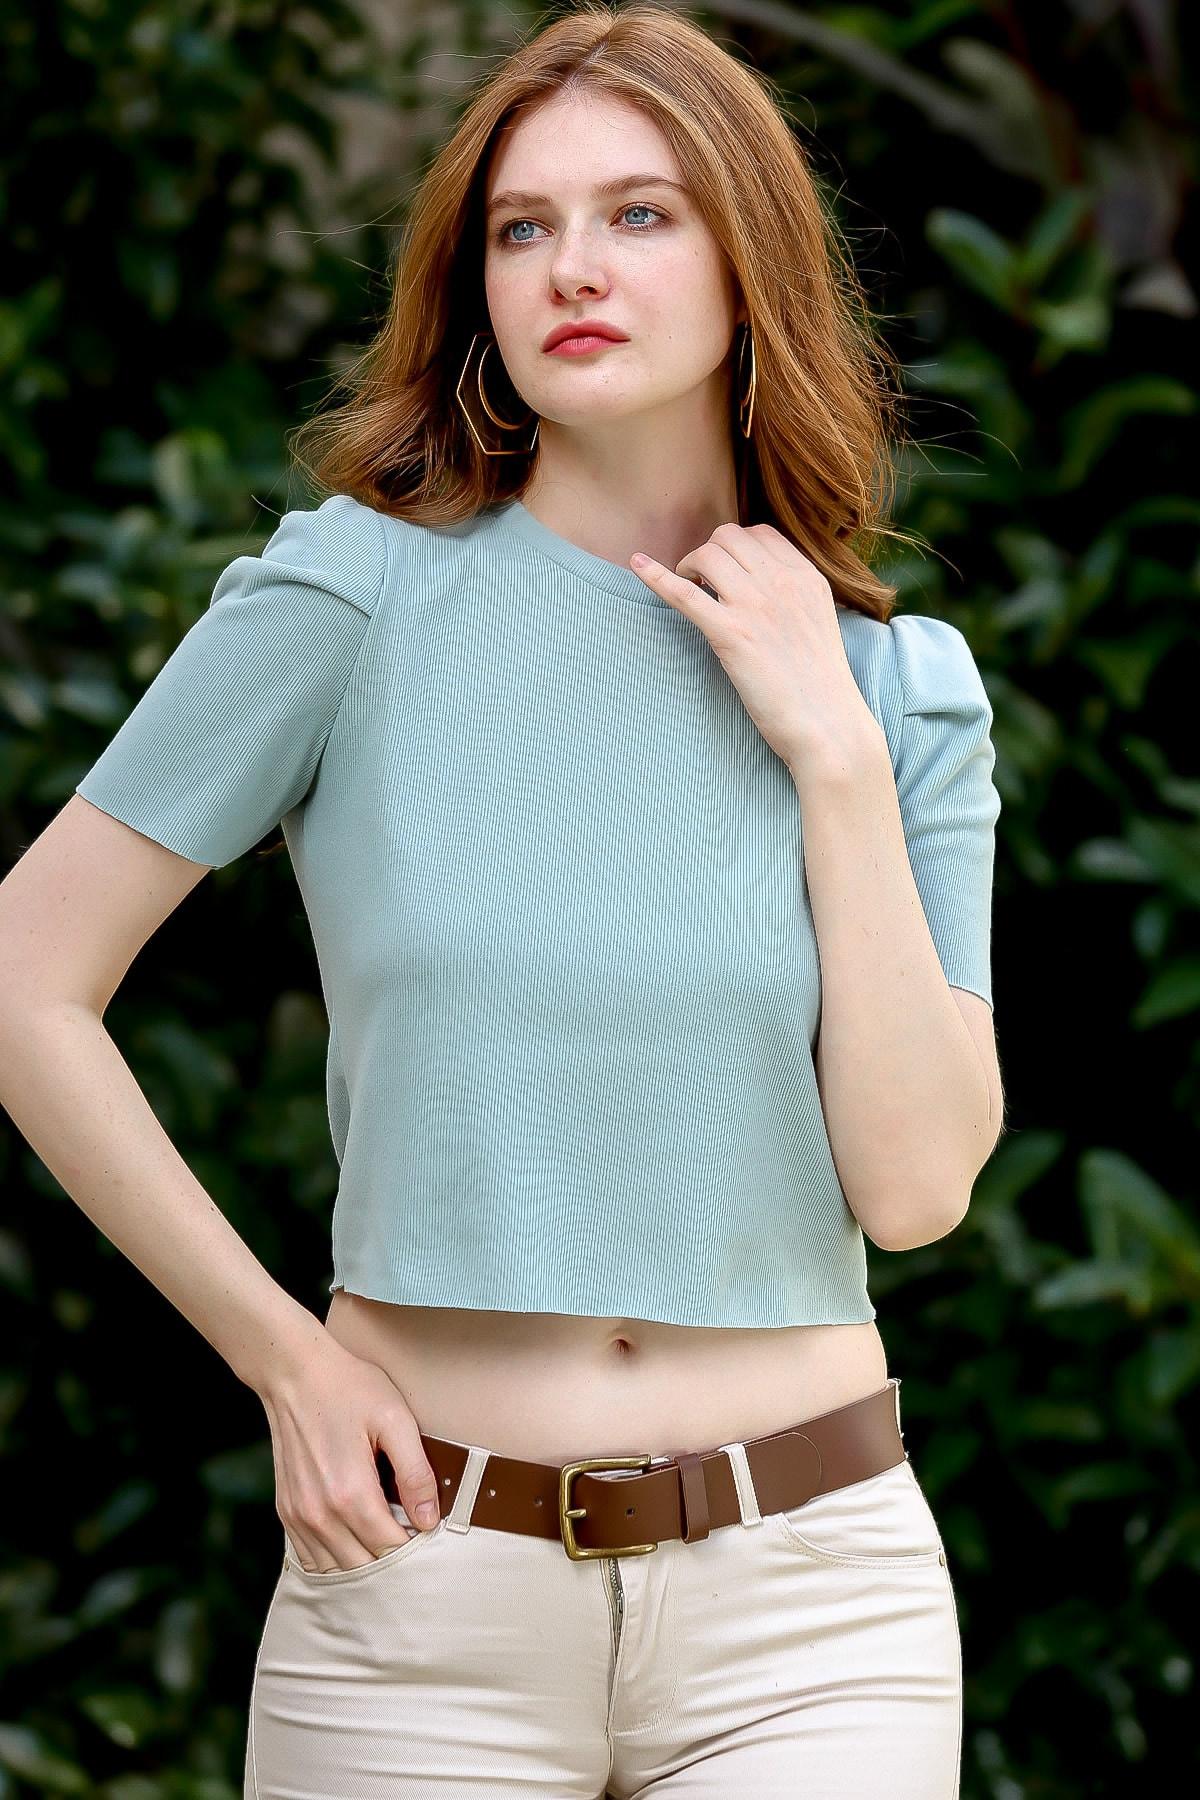 Chiccy Kadın Nil Yeşili Vintage Omuzları Büzgü Dikişli Crop Bluz M10010200BL95914